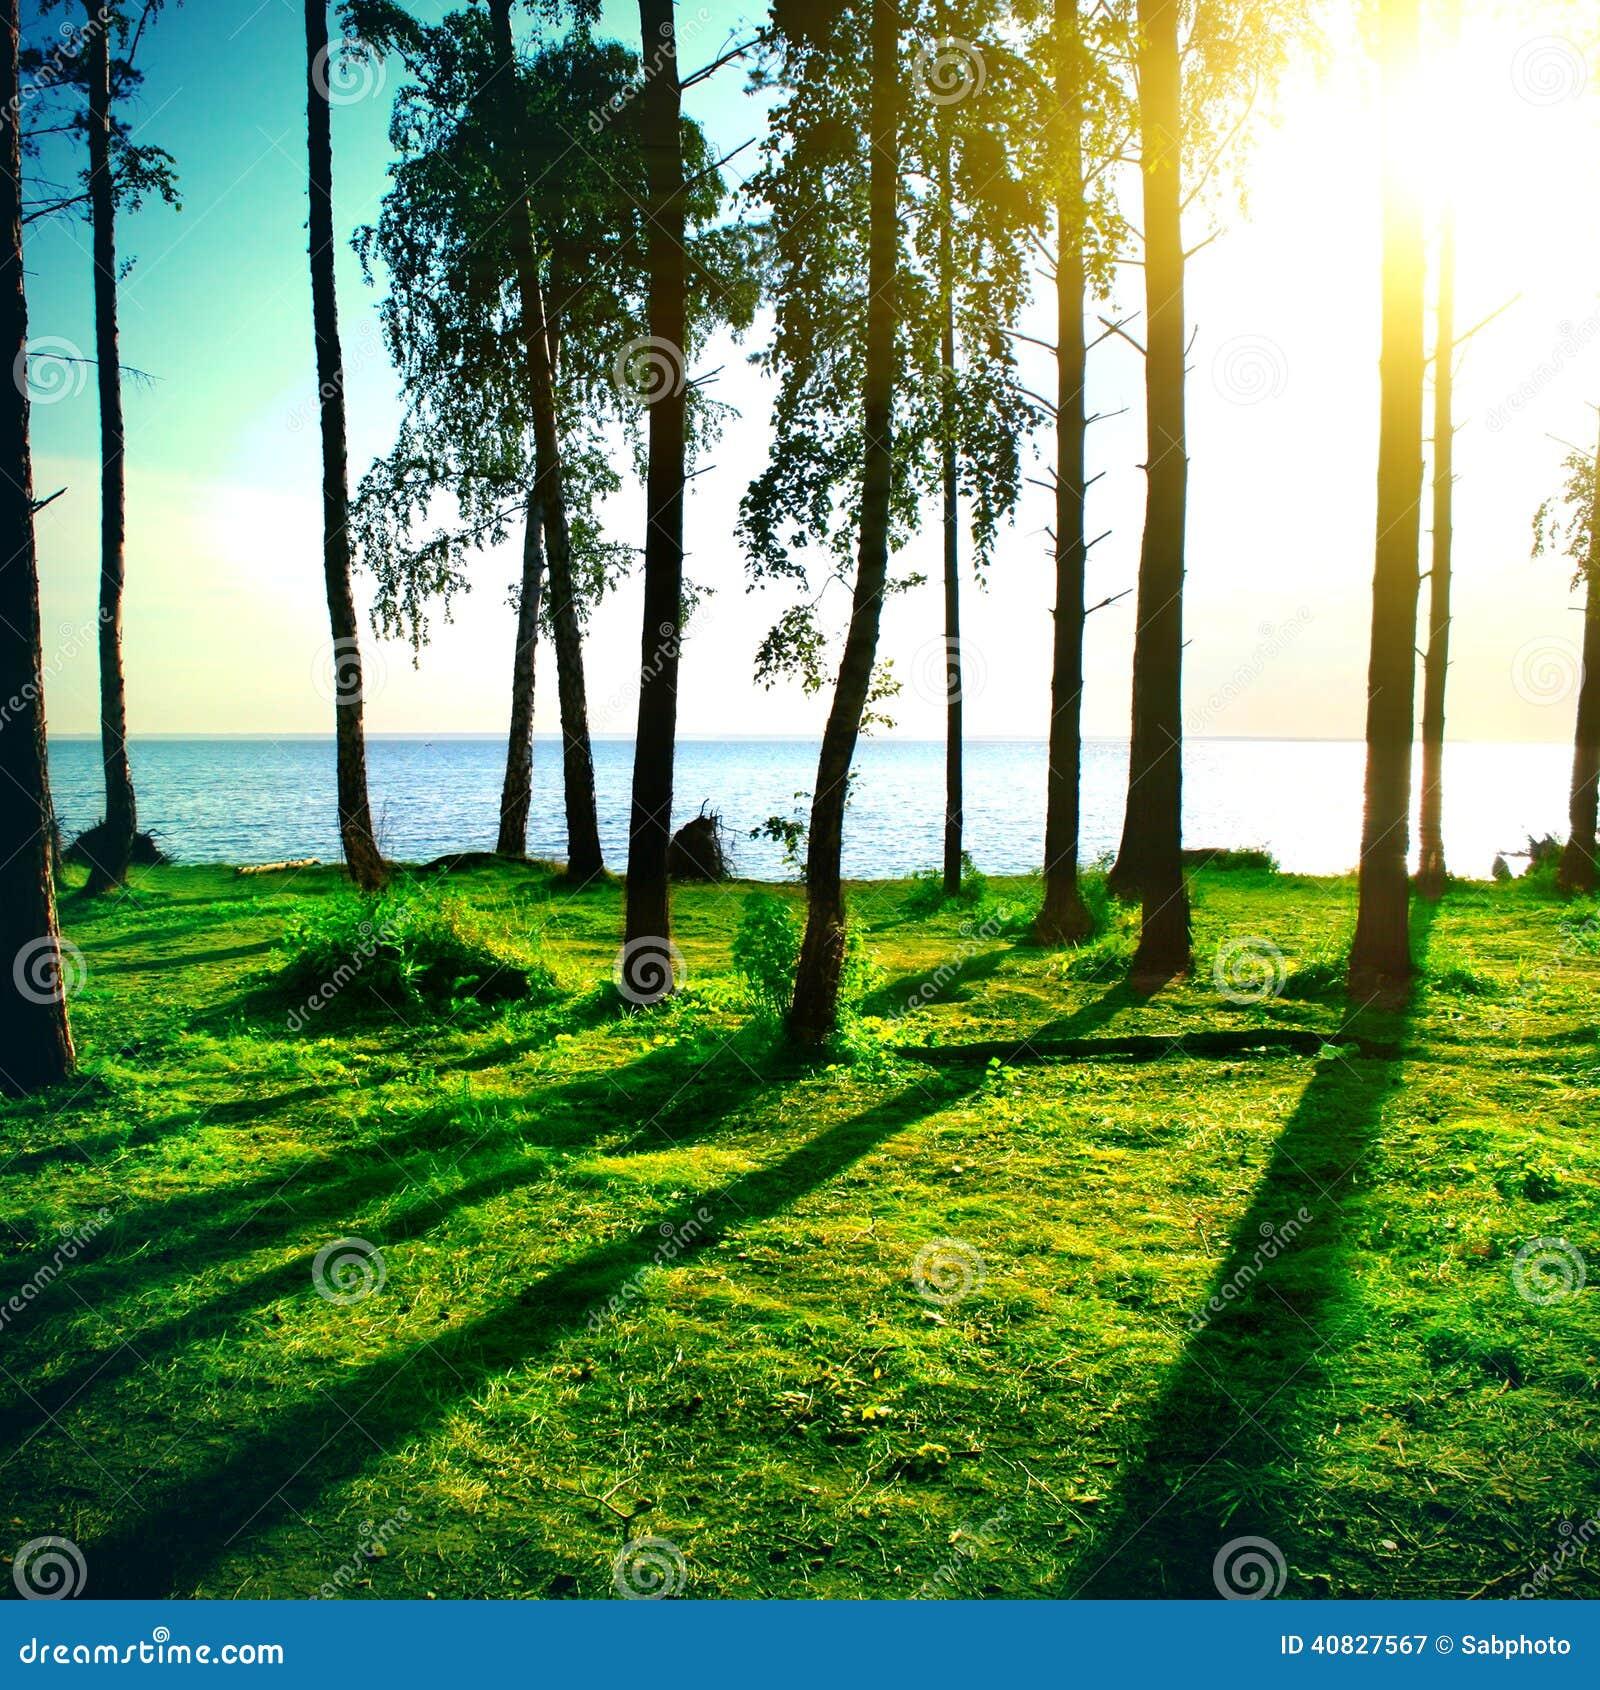 夏天森林风景图片